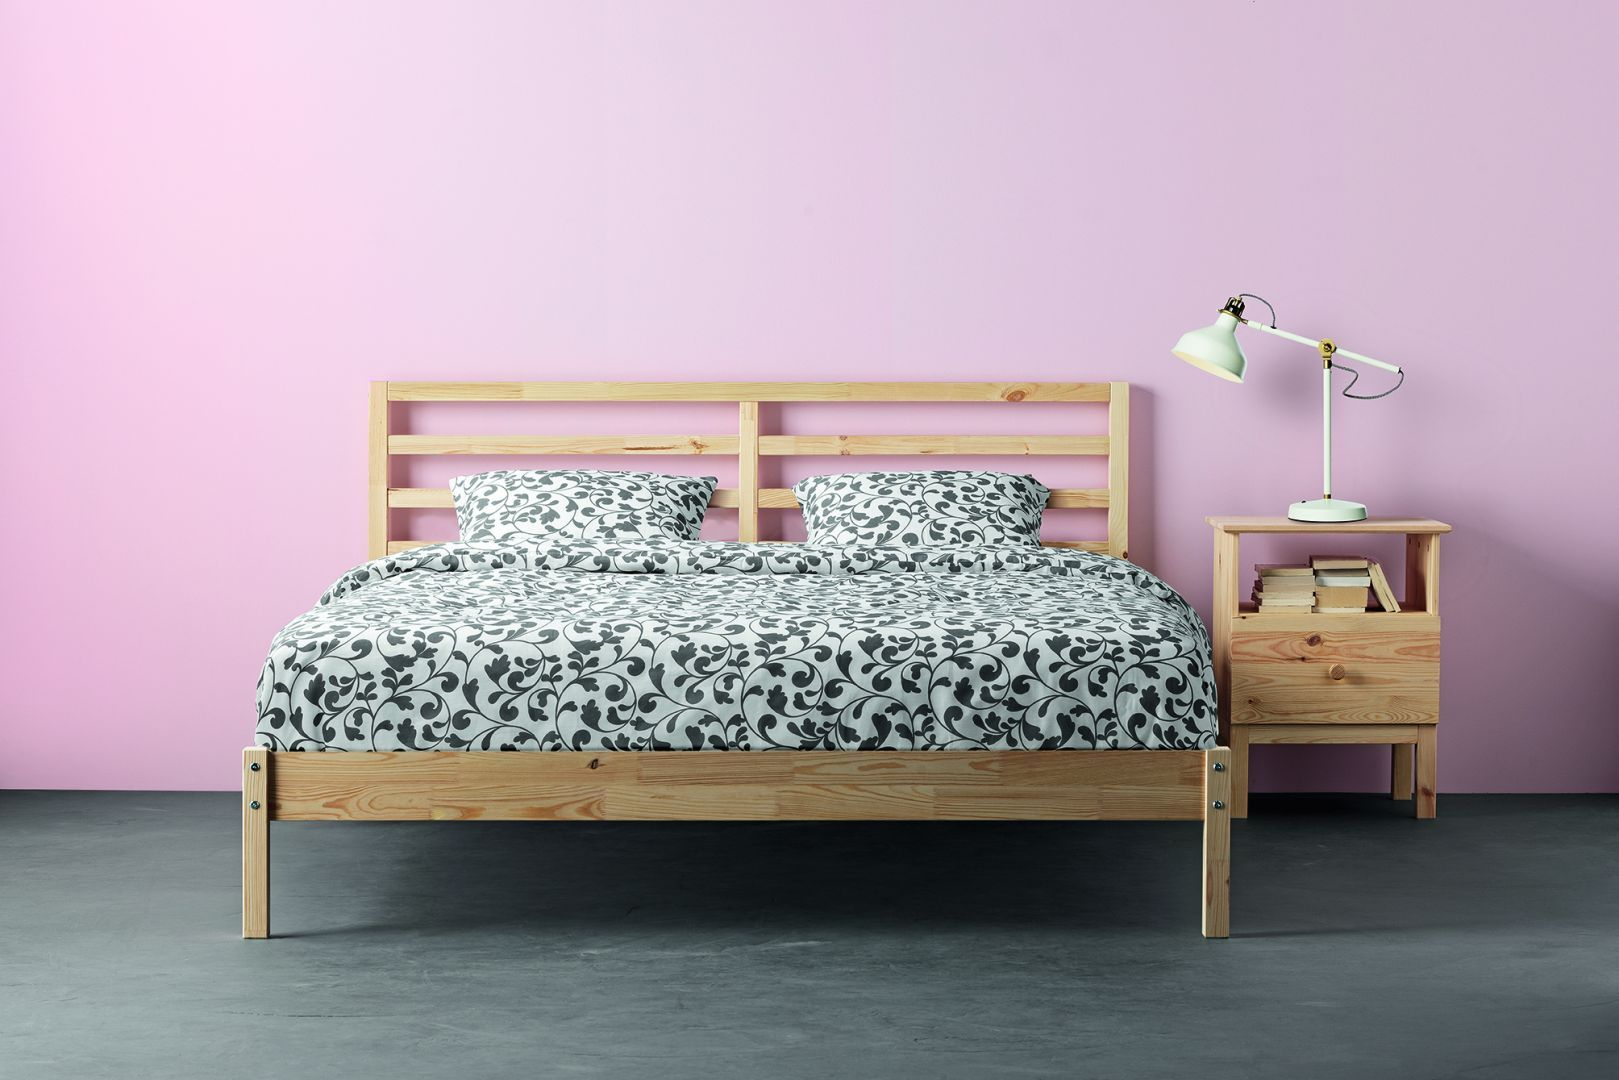 Rama łóżka Terva Ma Wymiary 209 X 168 Cm Produkt Wykonany